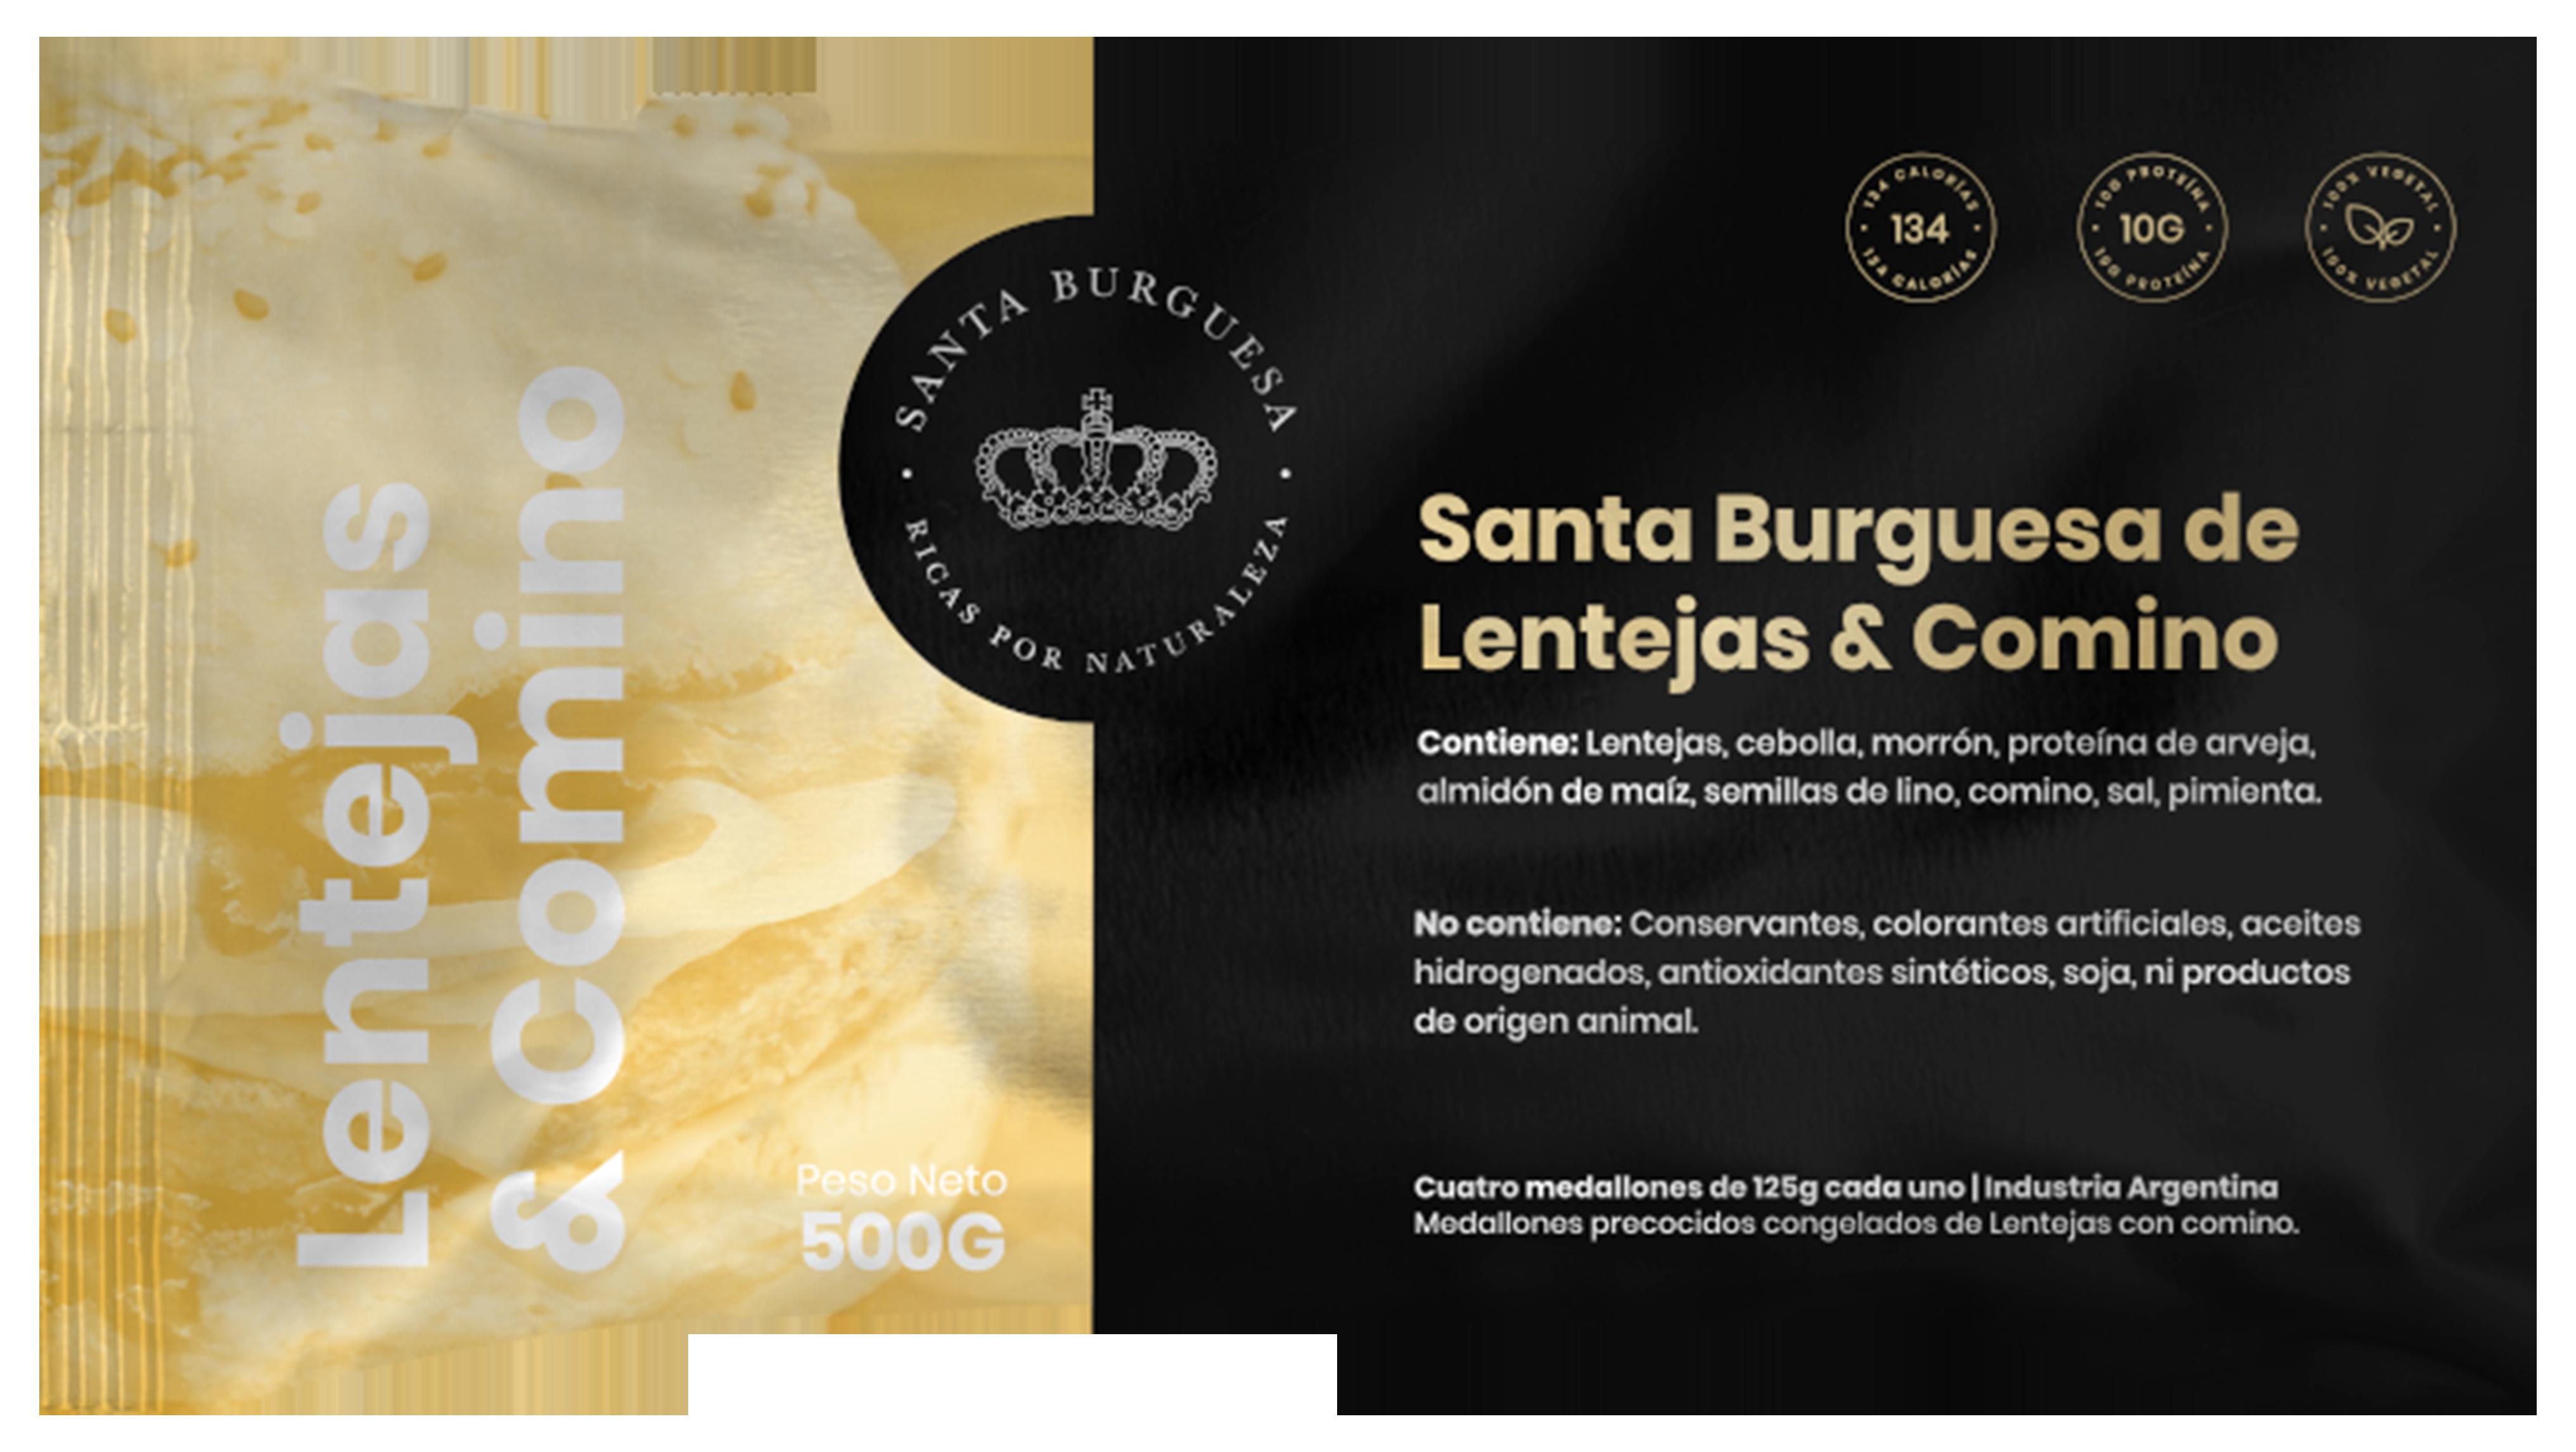 Santa Burguesa de Lentejas & Comino